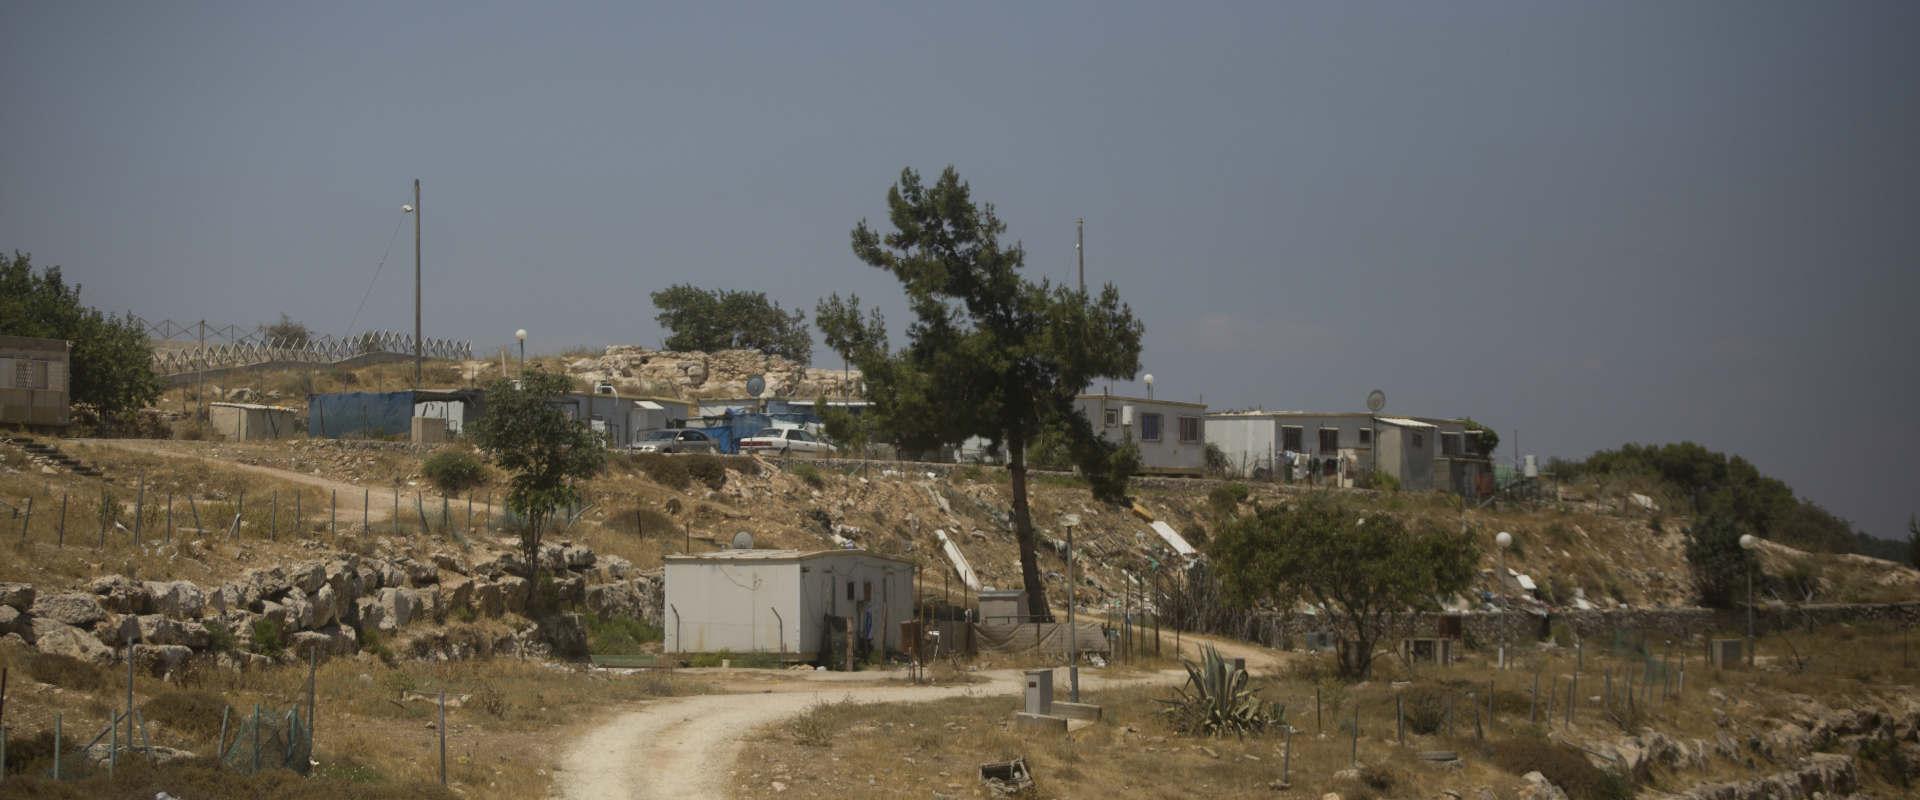 בנייה ברמת המטוס בירושלים (ארכיון)